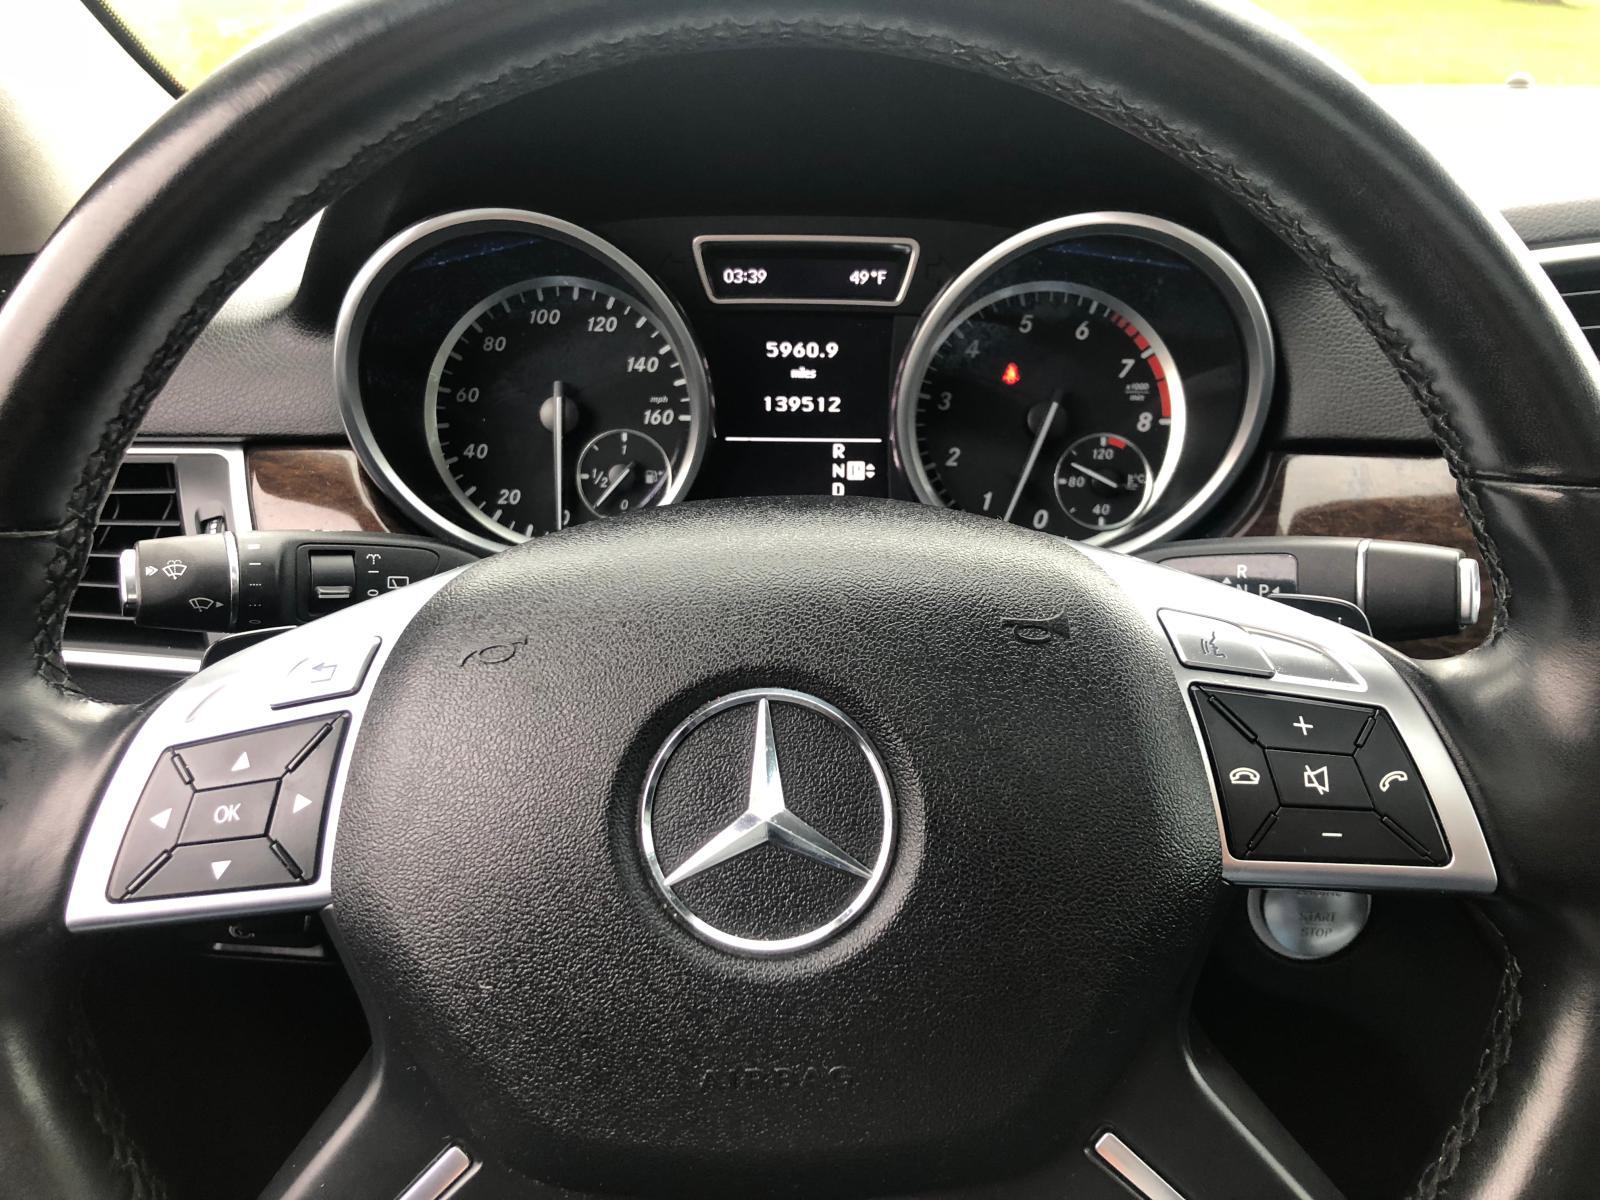 2012 Mercedes-Benz Ml 350 4Ma 3.5L inside view